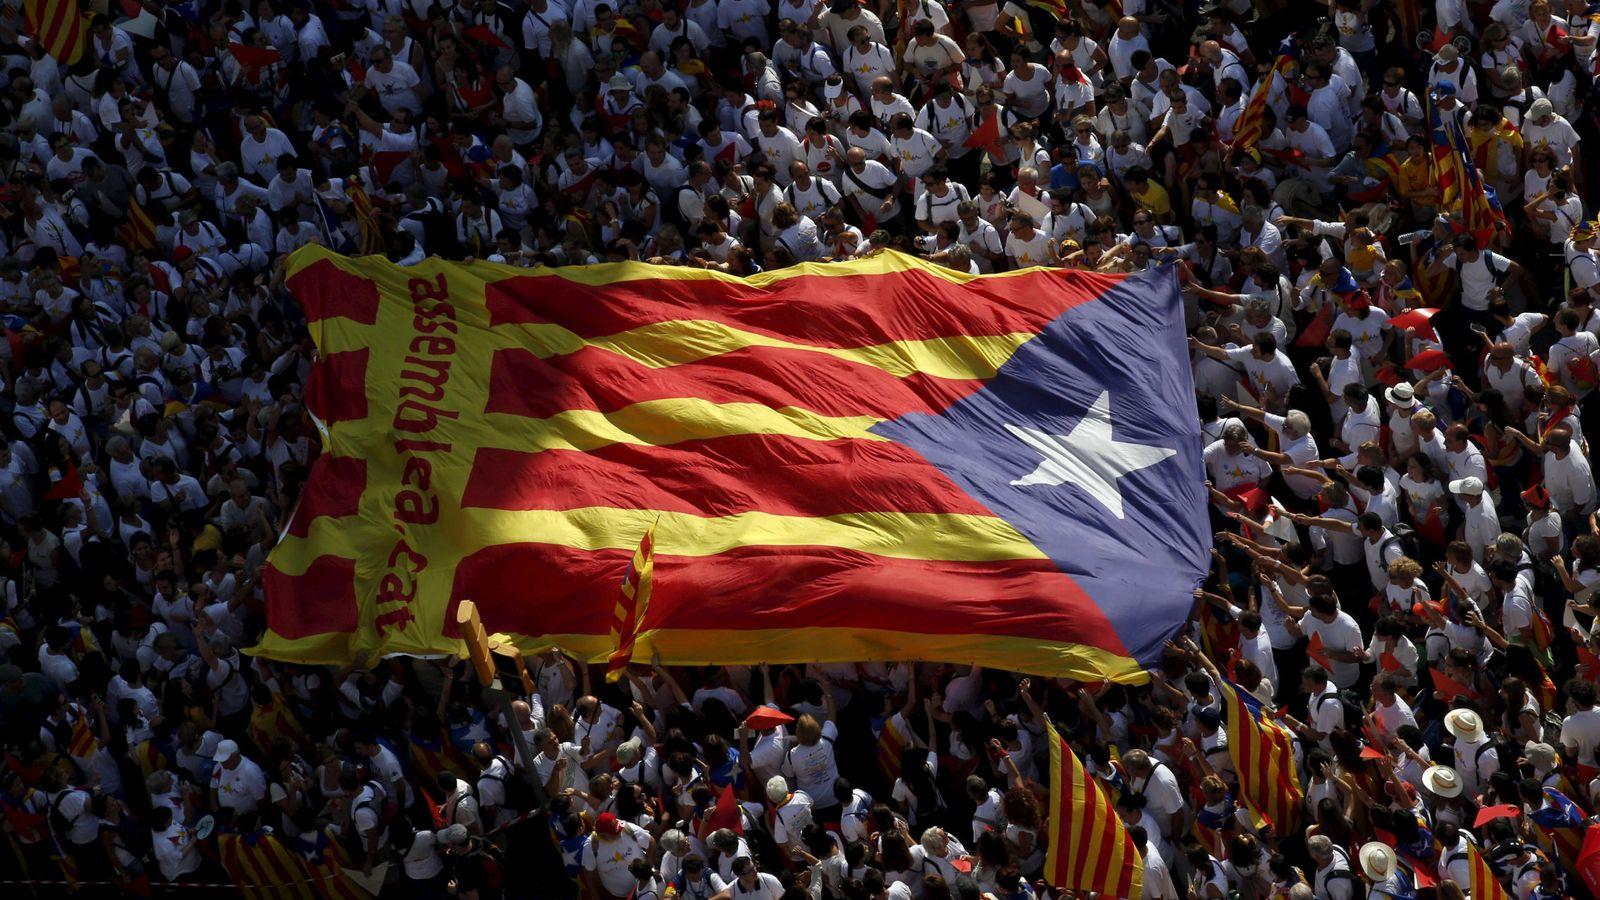 Foto: Imagen tomada durante la última Diada. (Reuters)